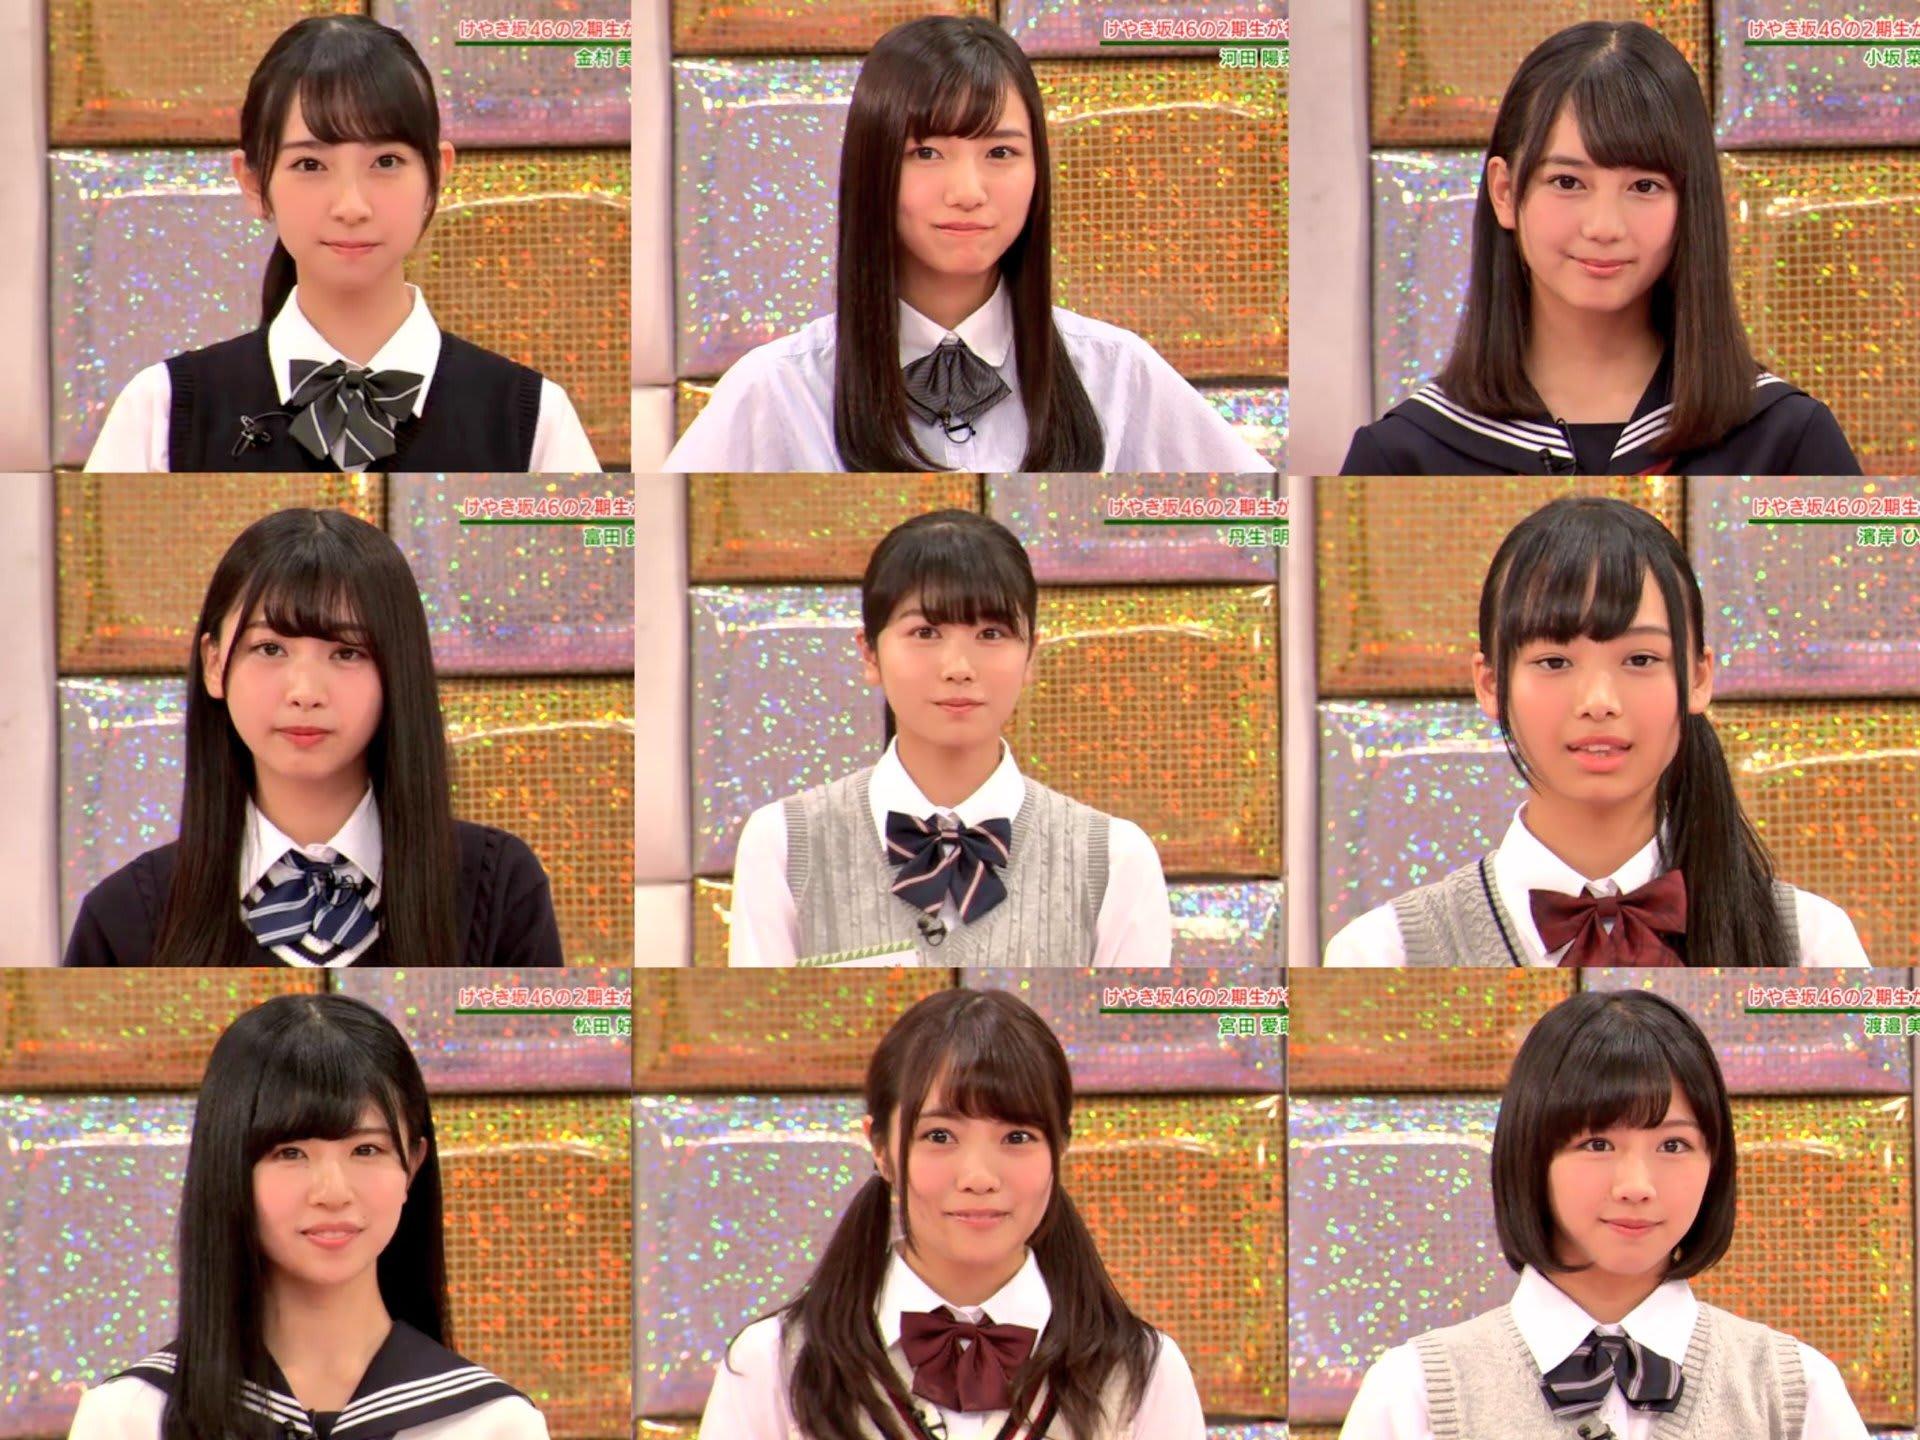 【音楽】エド・シーラン、自転車事故でけが 日本公演に影響の恐れ YouTube動画>27本 ->画像>14枚